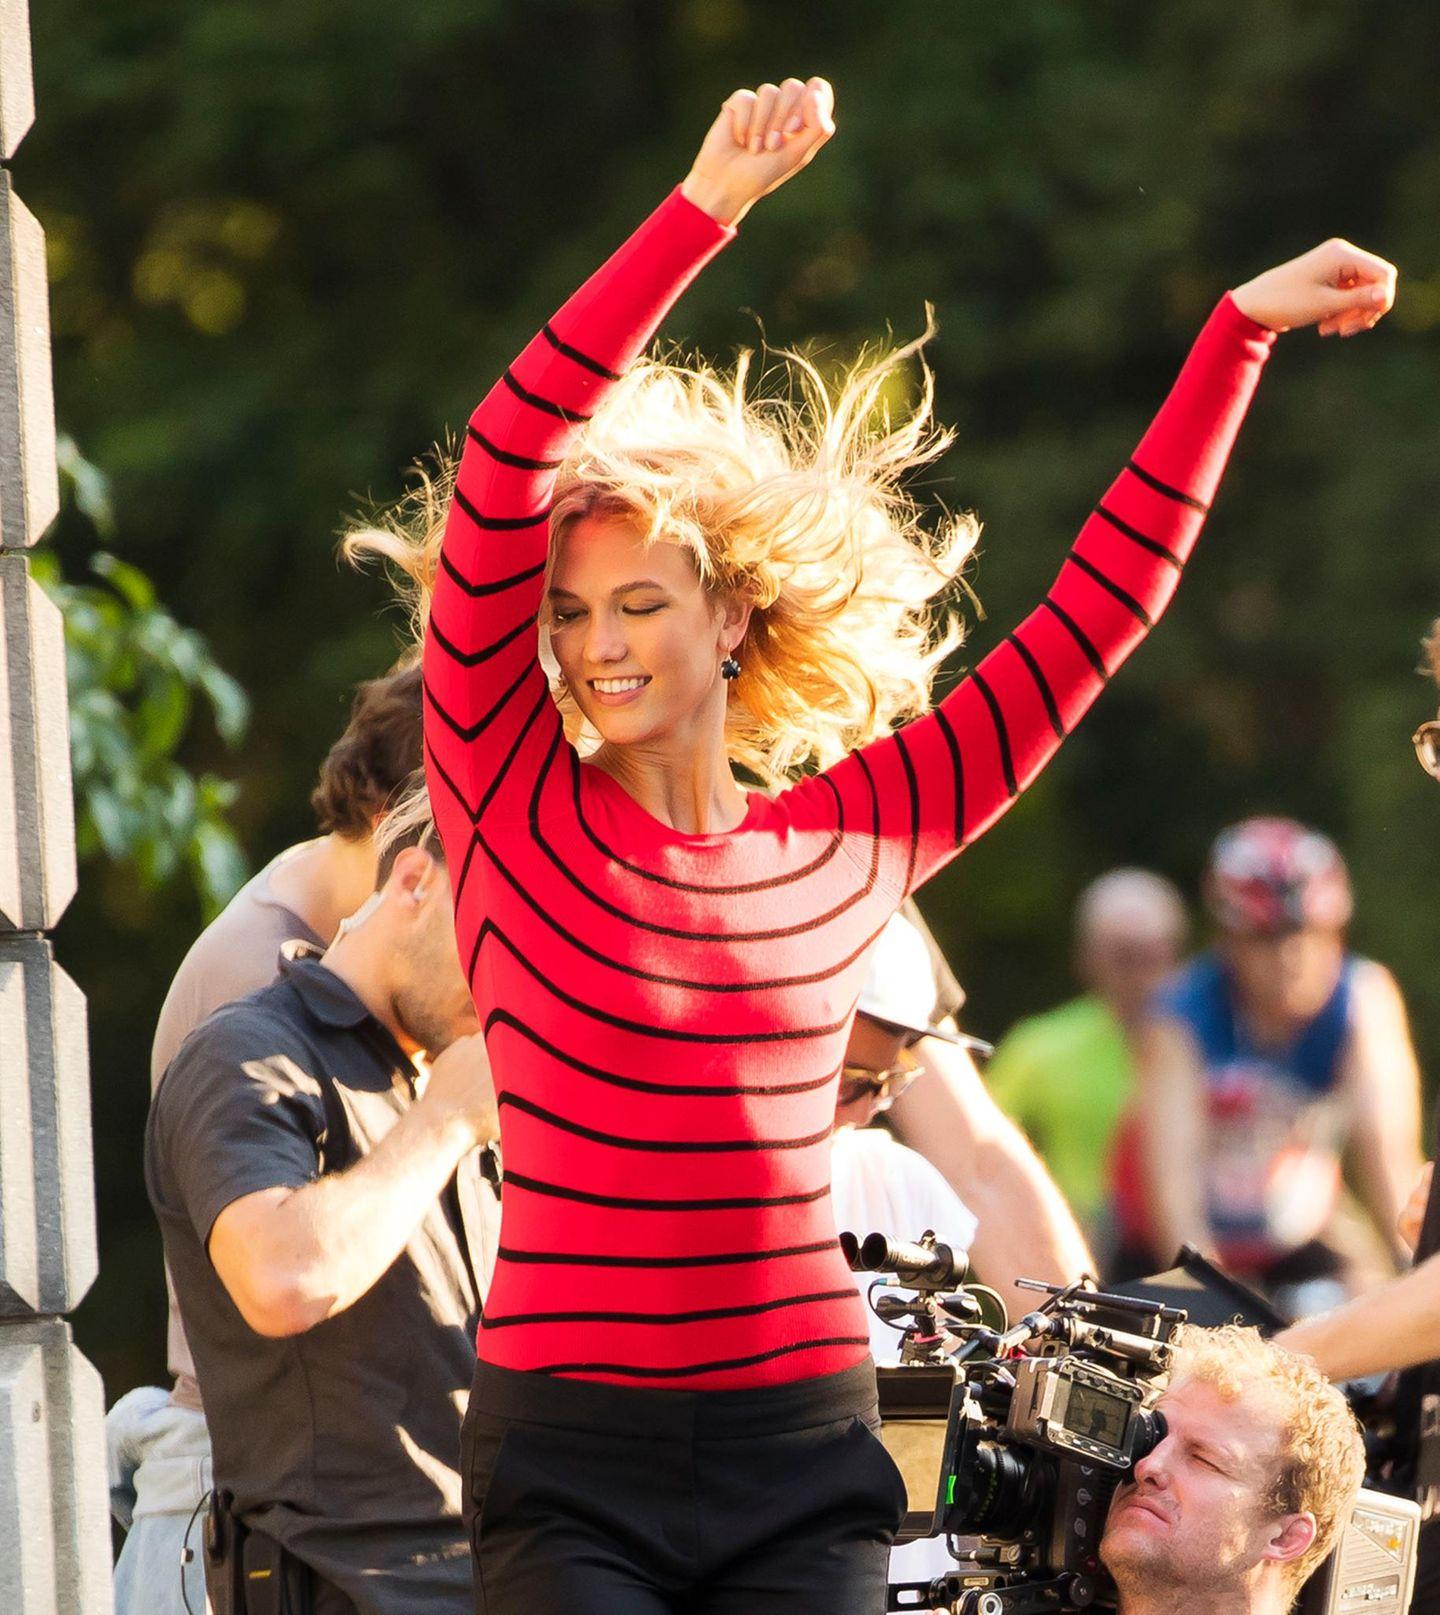 7. Juli 2017: Karlie Kloss dreht bei einem Photoshooting in New York richtig auf.